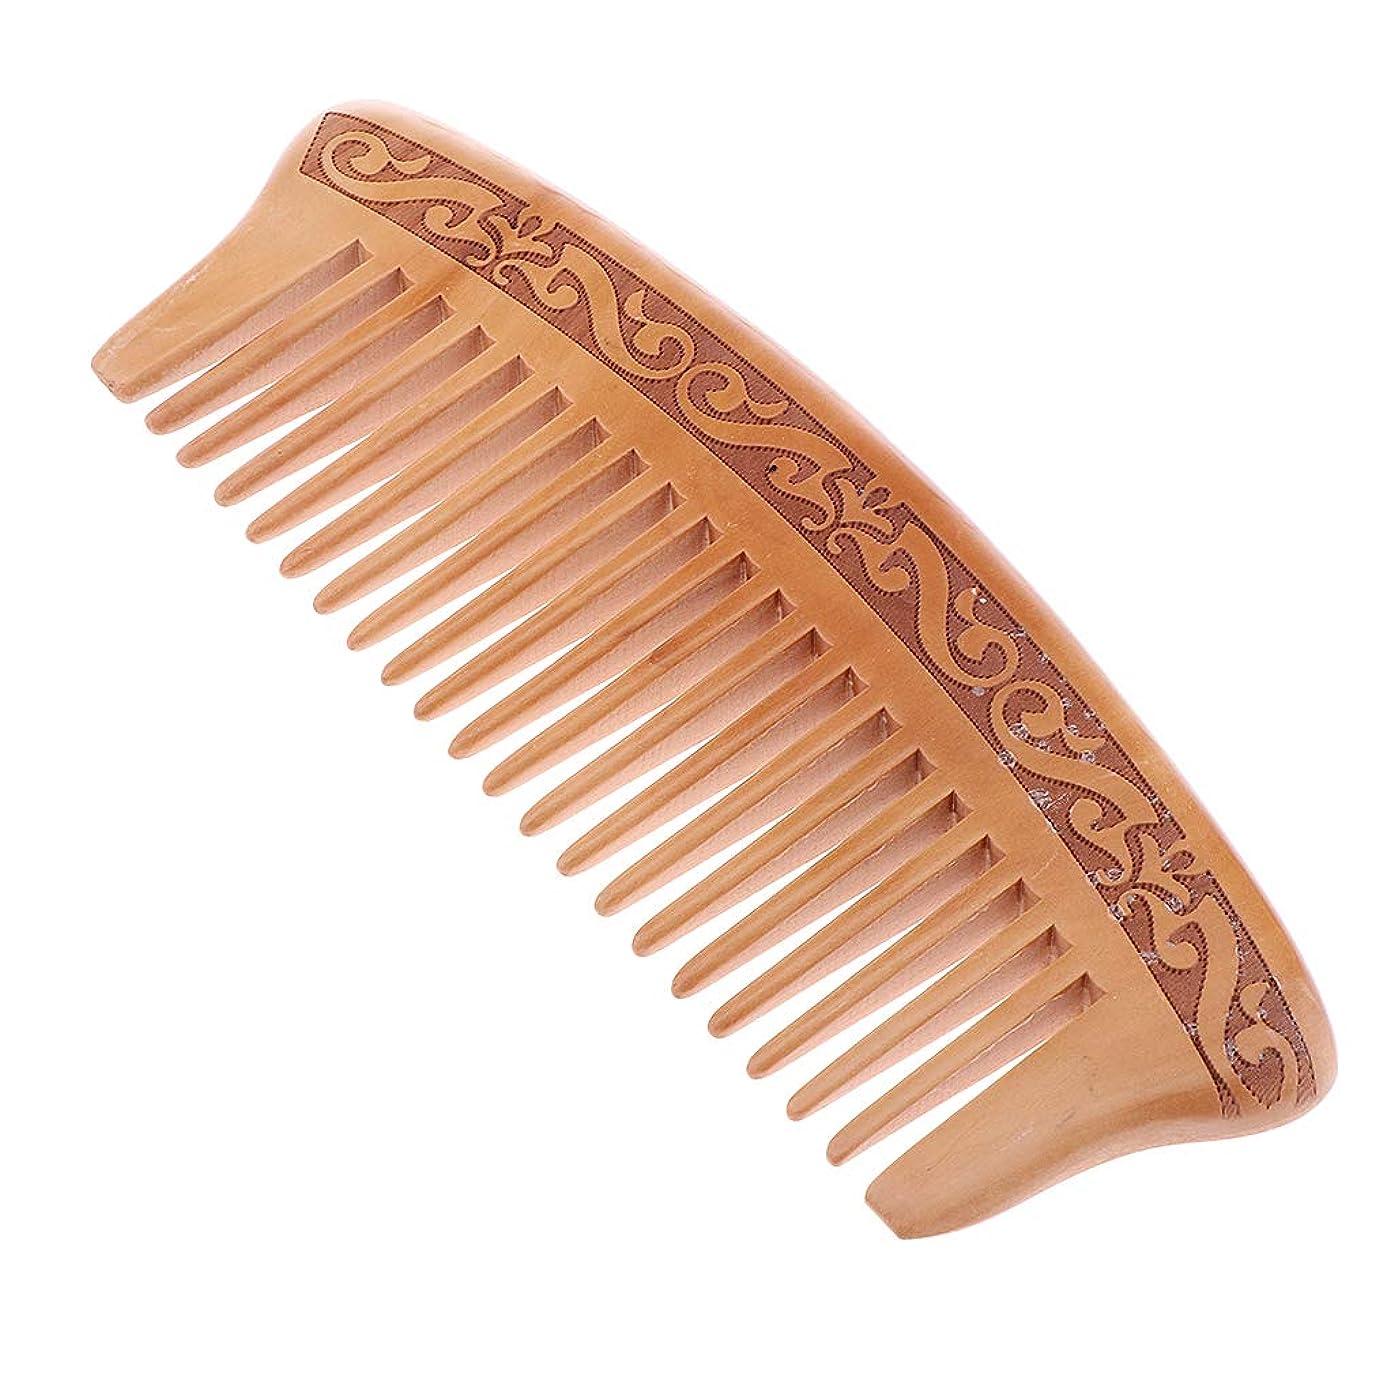 成長説教しなやかなP Prettyia 木製櫛 コーム ヘアブラシ 静電気防止 頭皮マッサージ 快適 5タイプ選べ - J16e